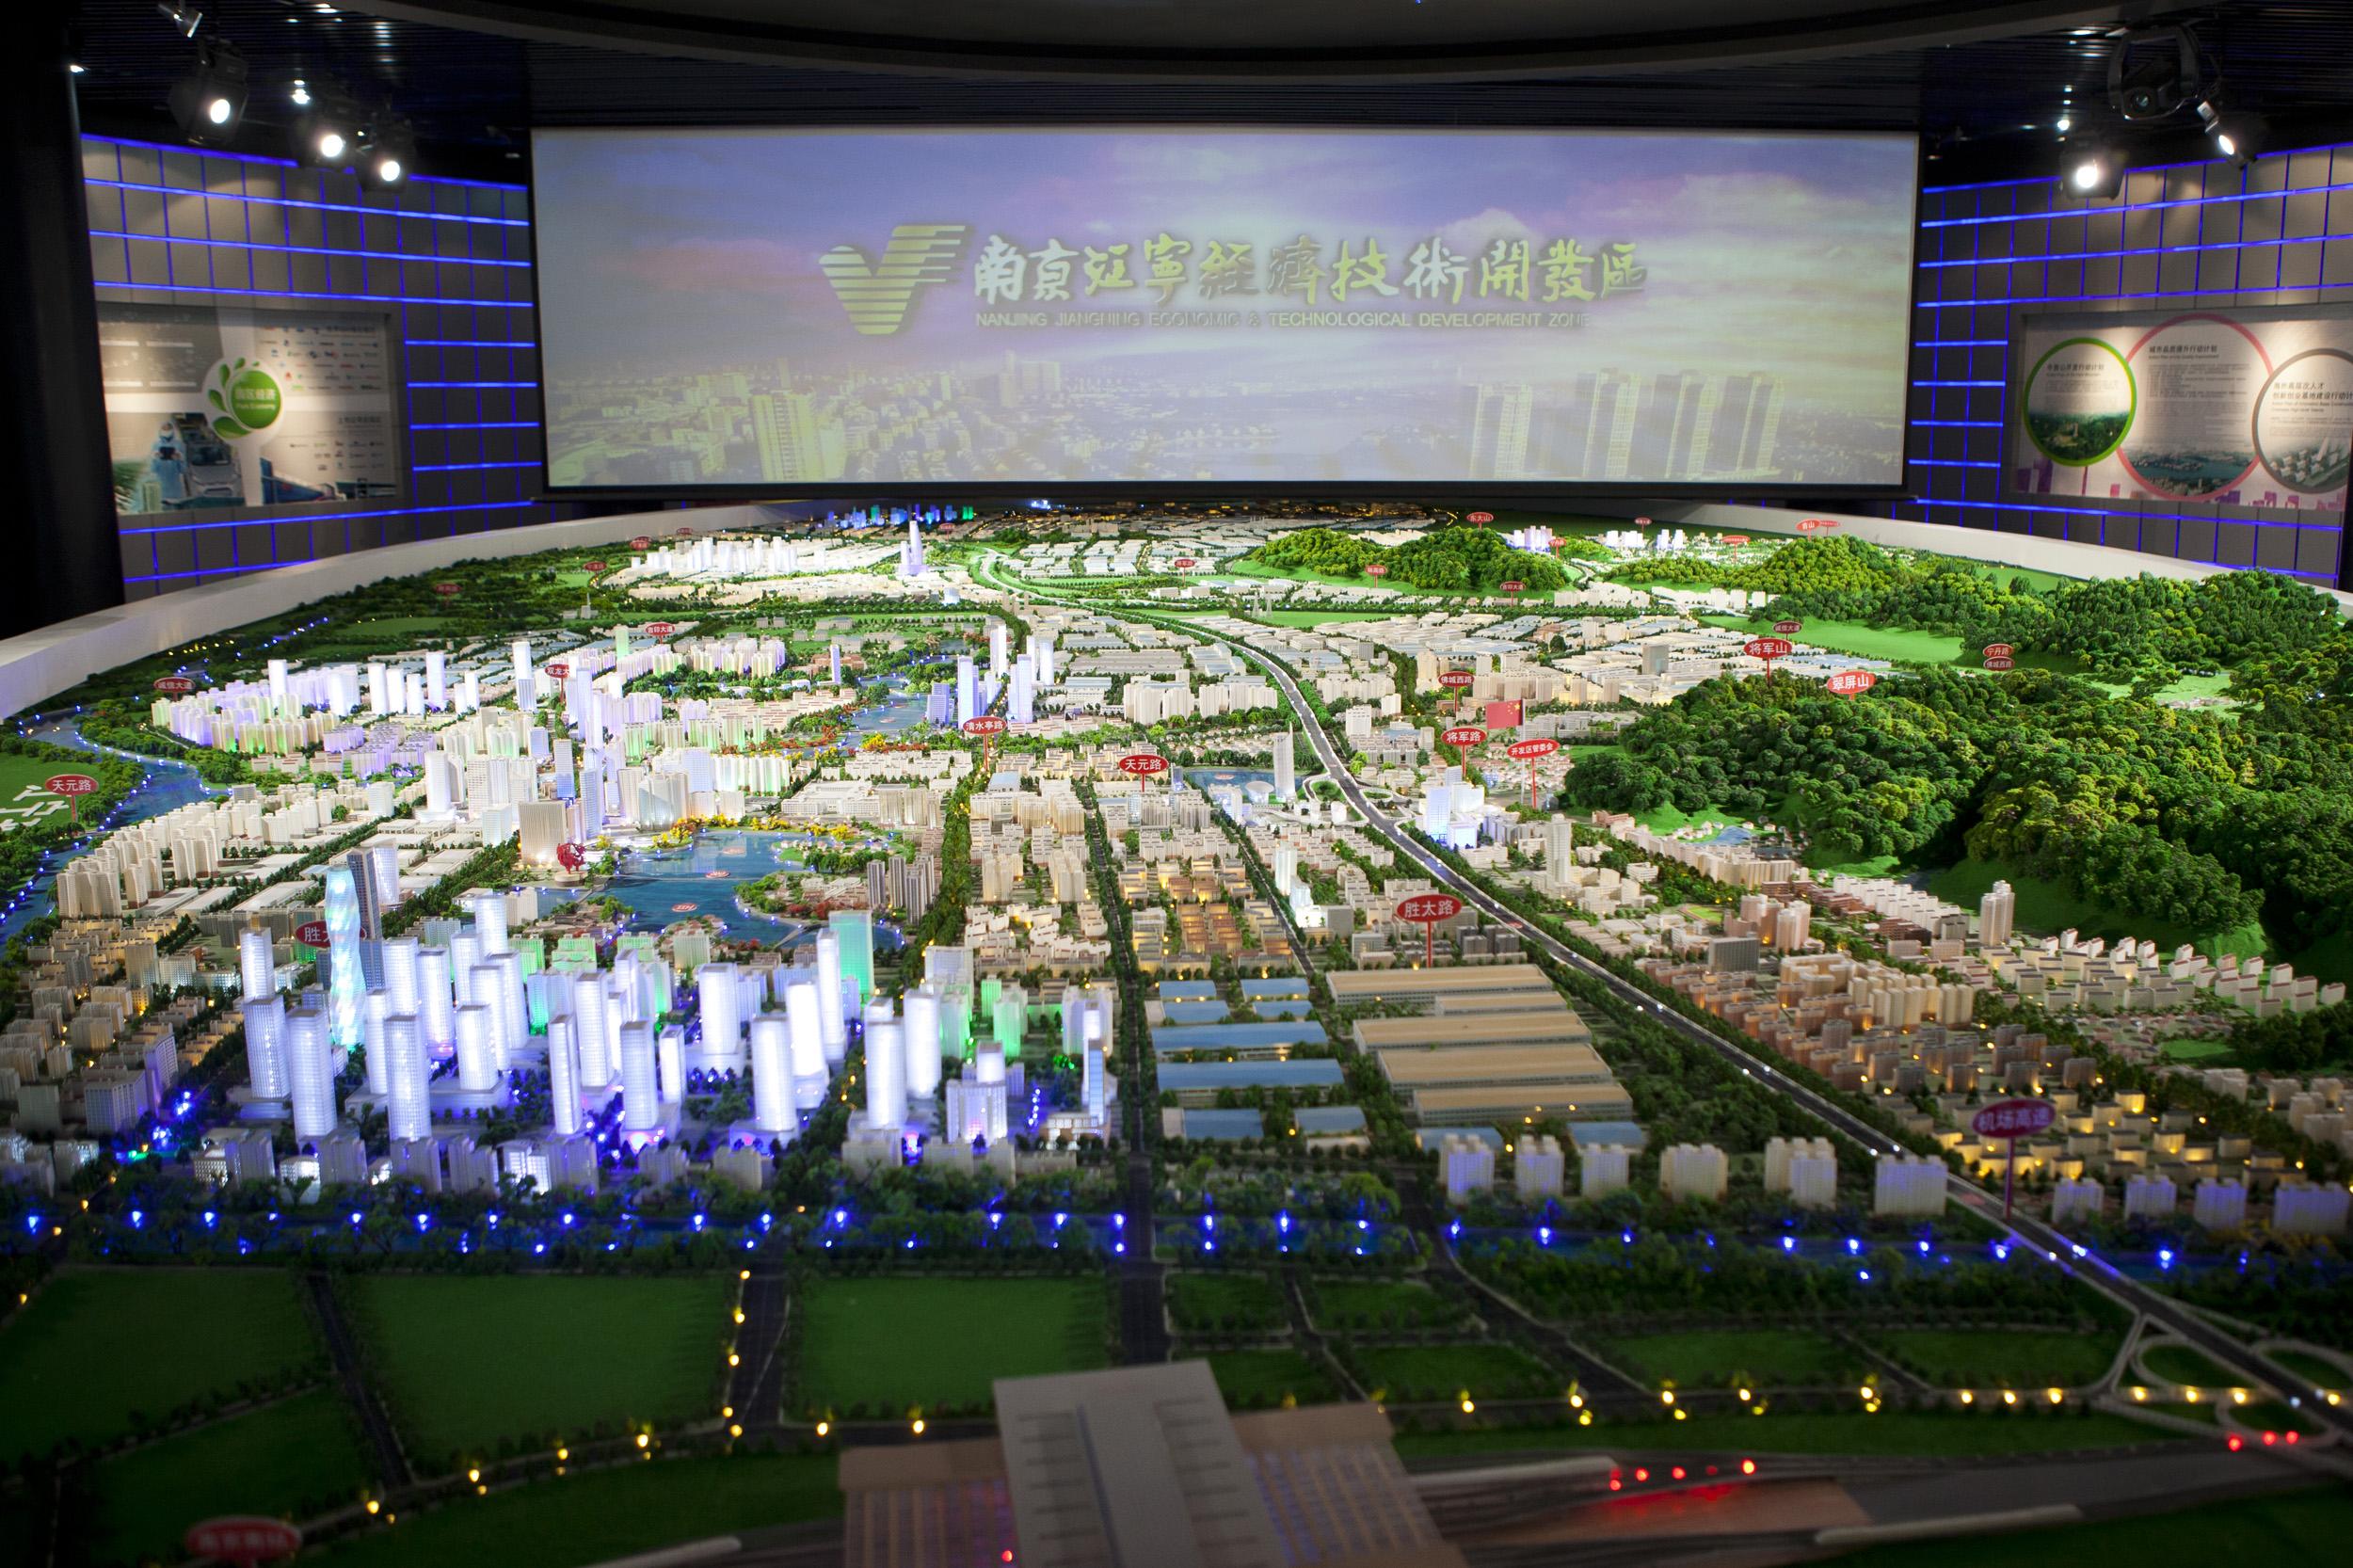 2012_09_17_visita_parque_empresarial_2.jpg